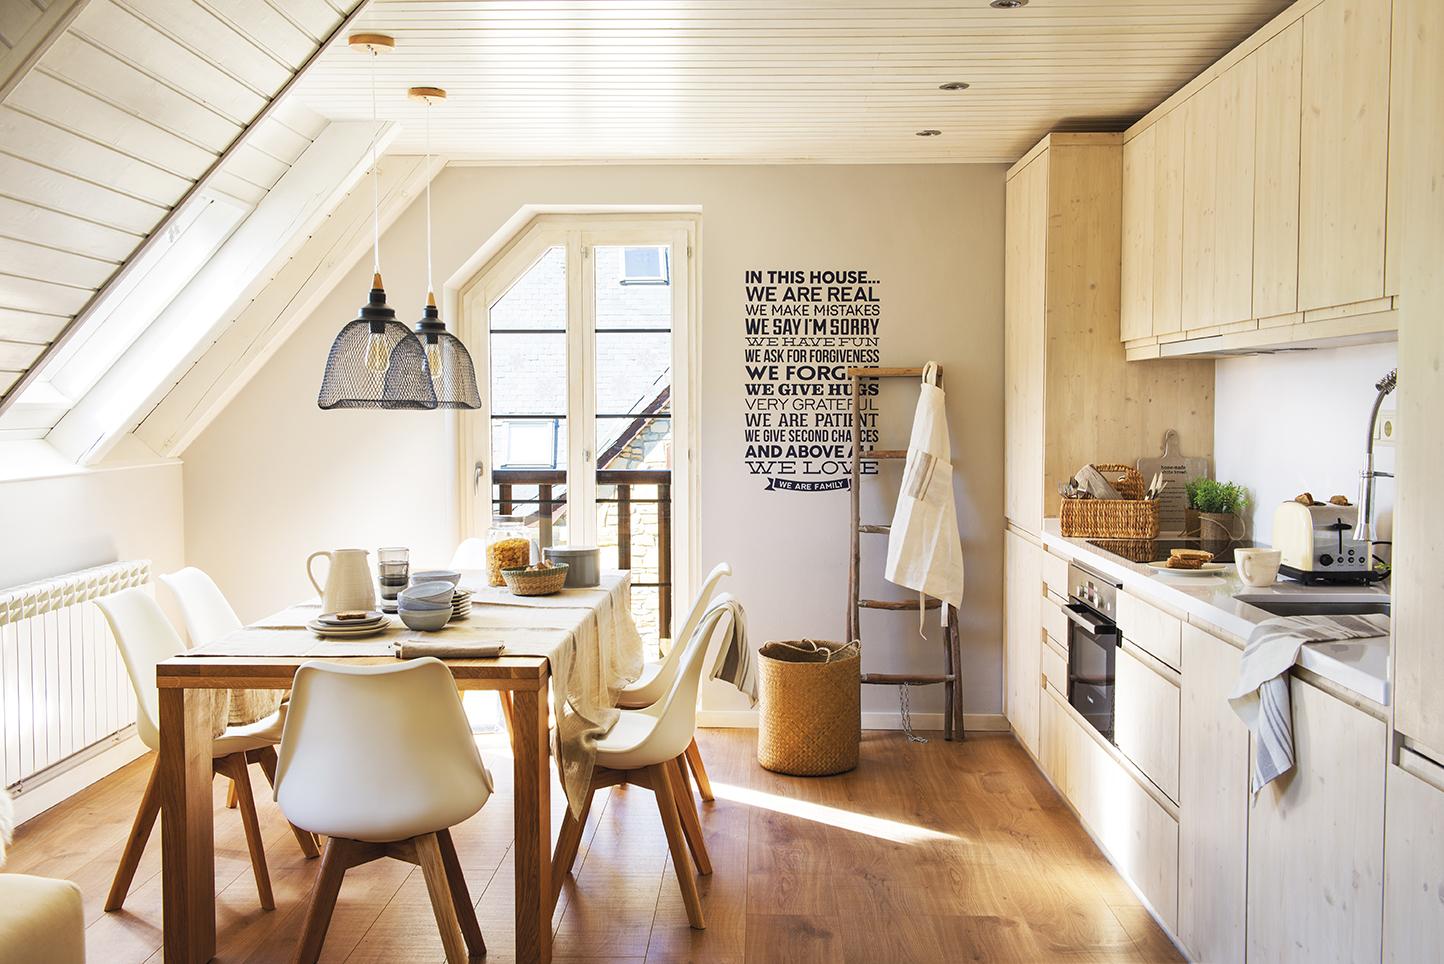 Decorar con escaleras es tendencia - Cocinas con vinilo ...